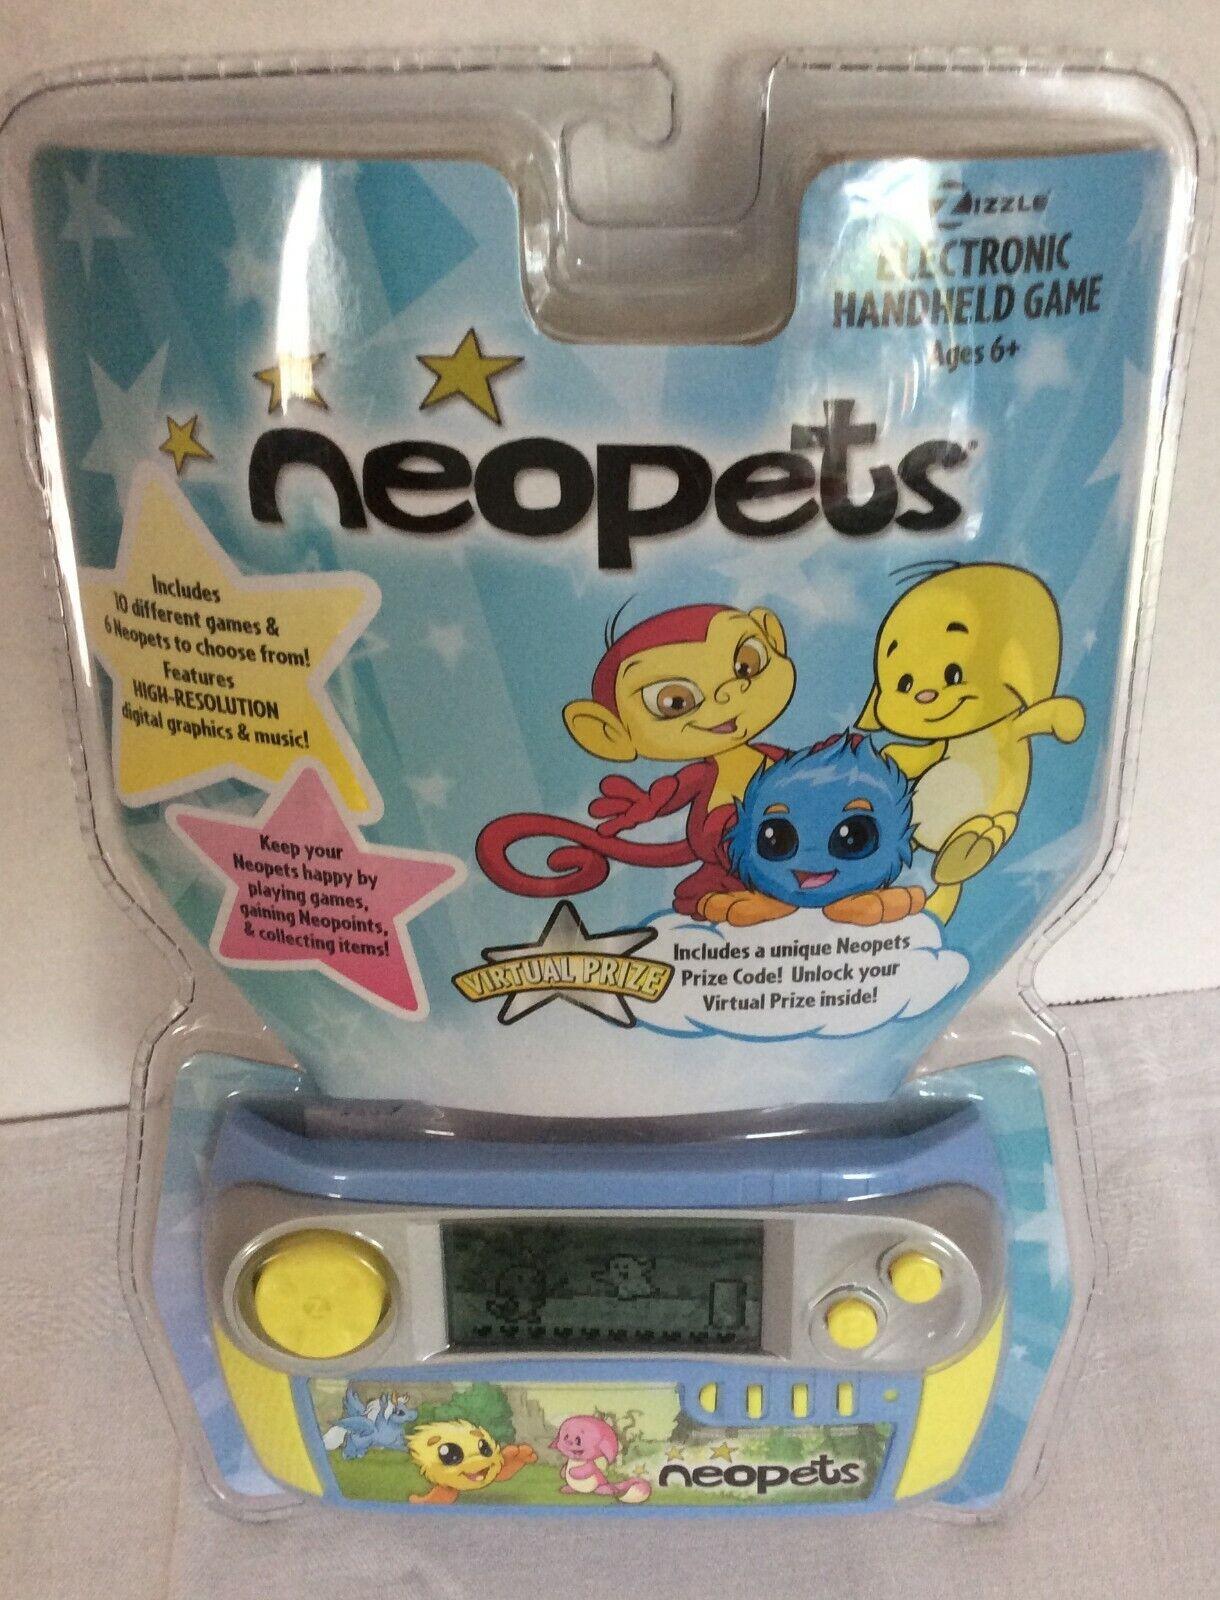 para mayoristas Nuevo Raro 2008 juego portátil electrónico Neopets virtual premio premio premio código Zizzle  venderse como panqueques